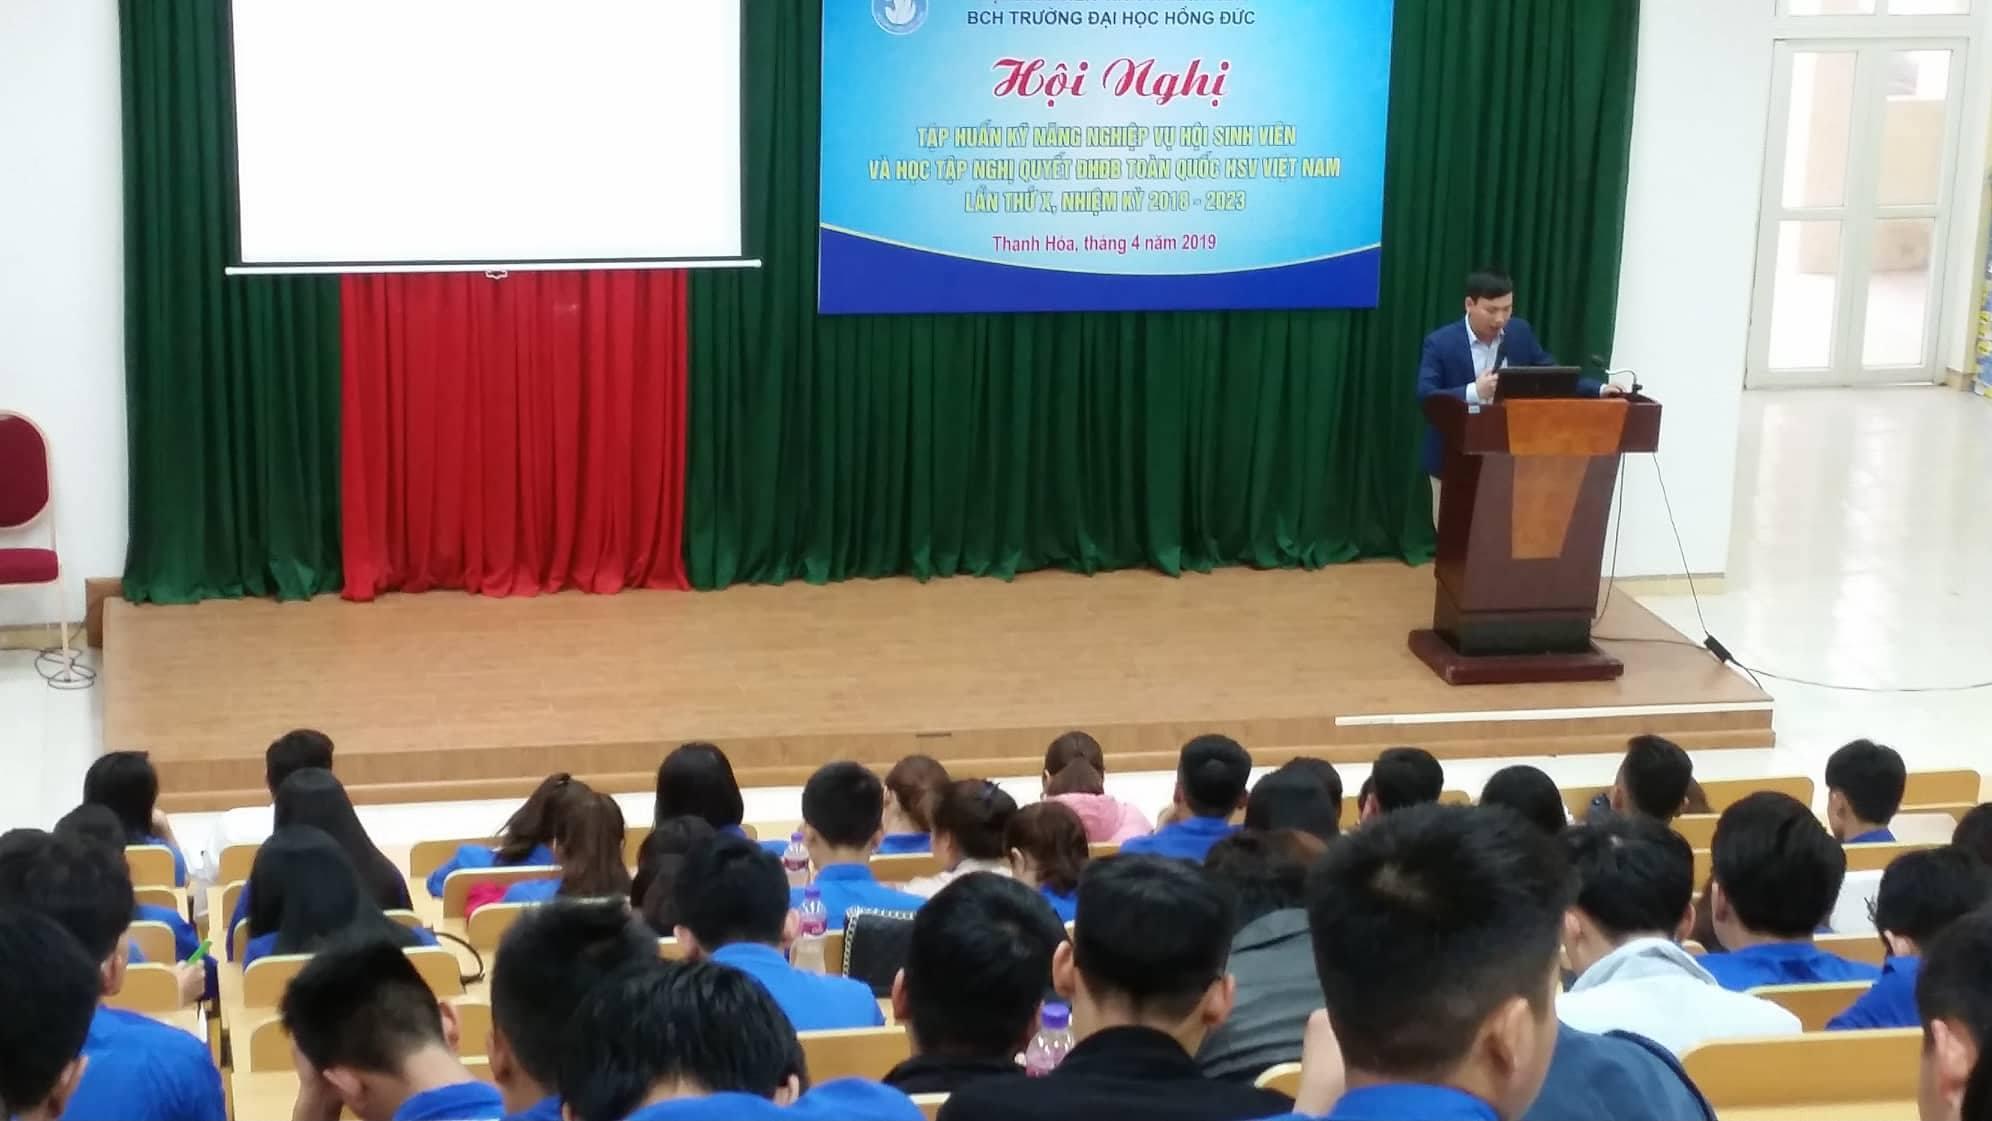 Tập huấn kỹ năng nghiệp vụ hội sinh viên học và tập Nghị quyết Đại hội đại biểu HSV Việt Nam lần thứ X, nhiệm kỳ 2018-2023.